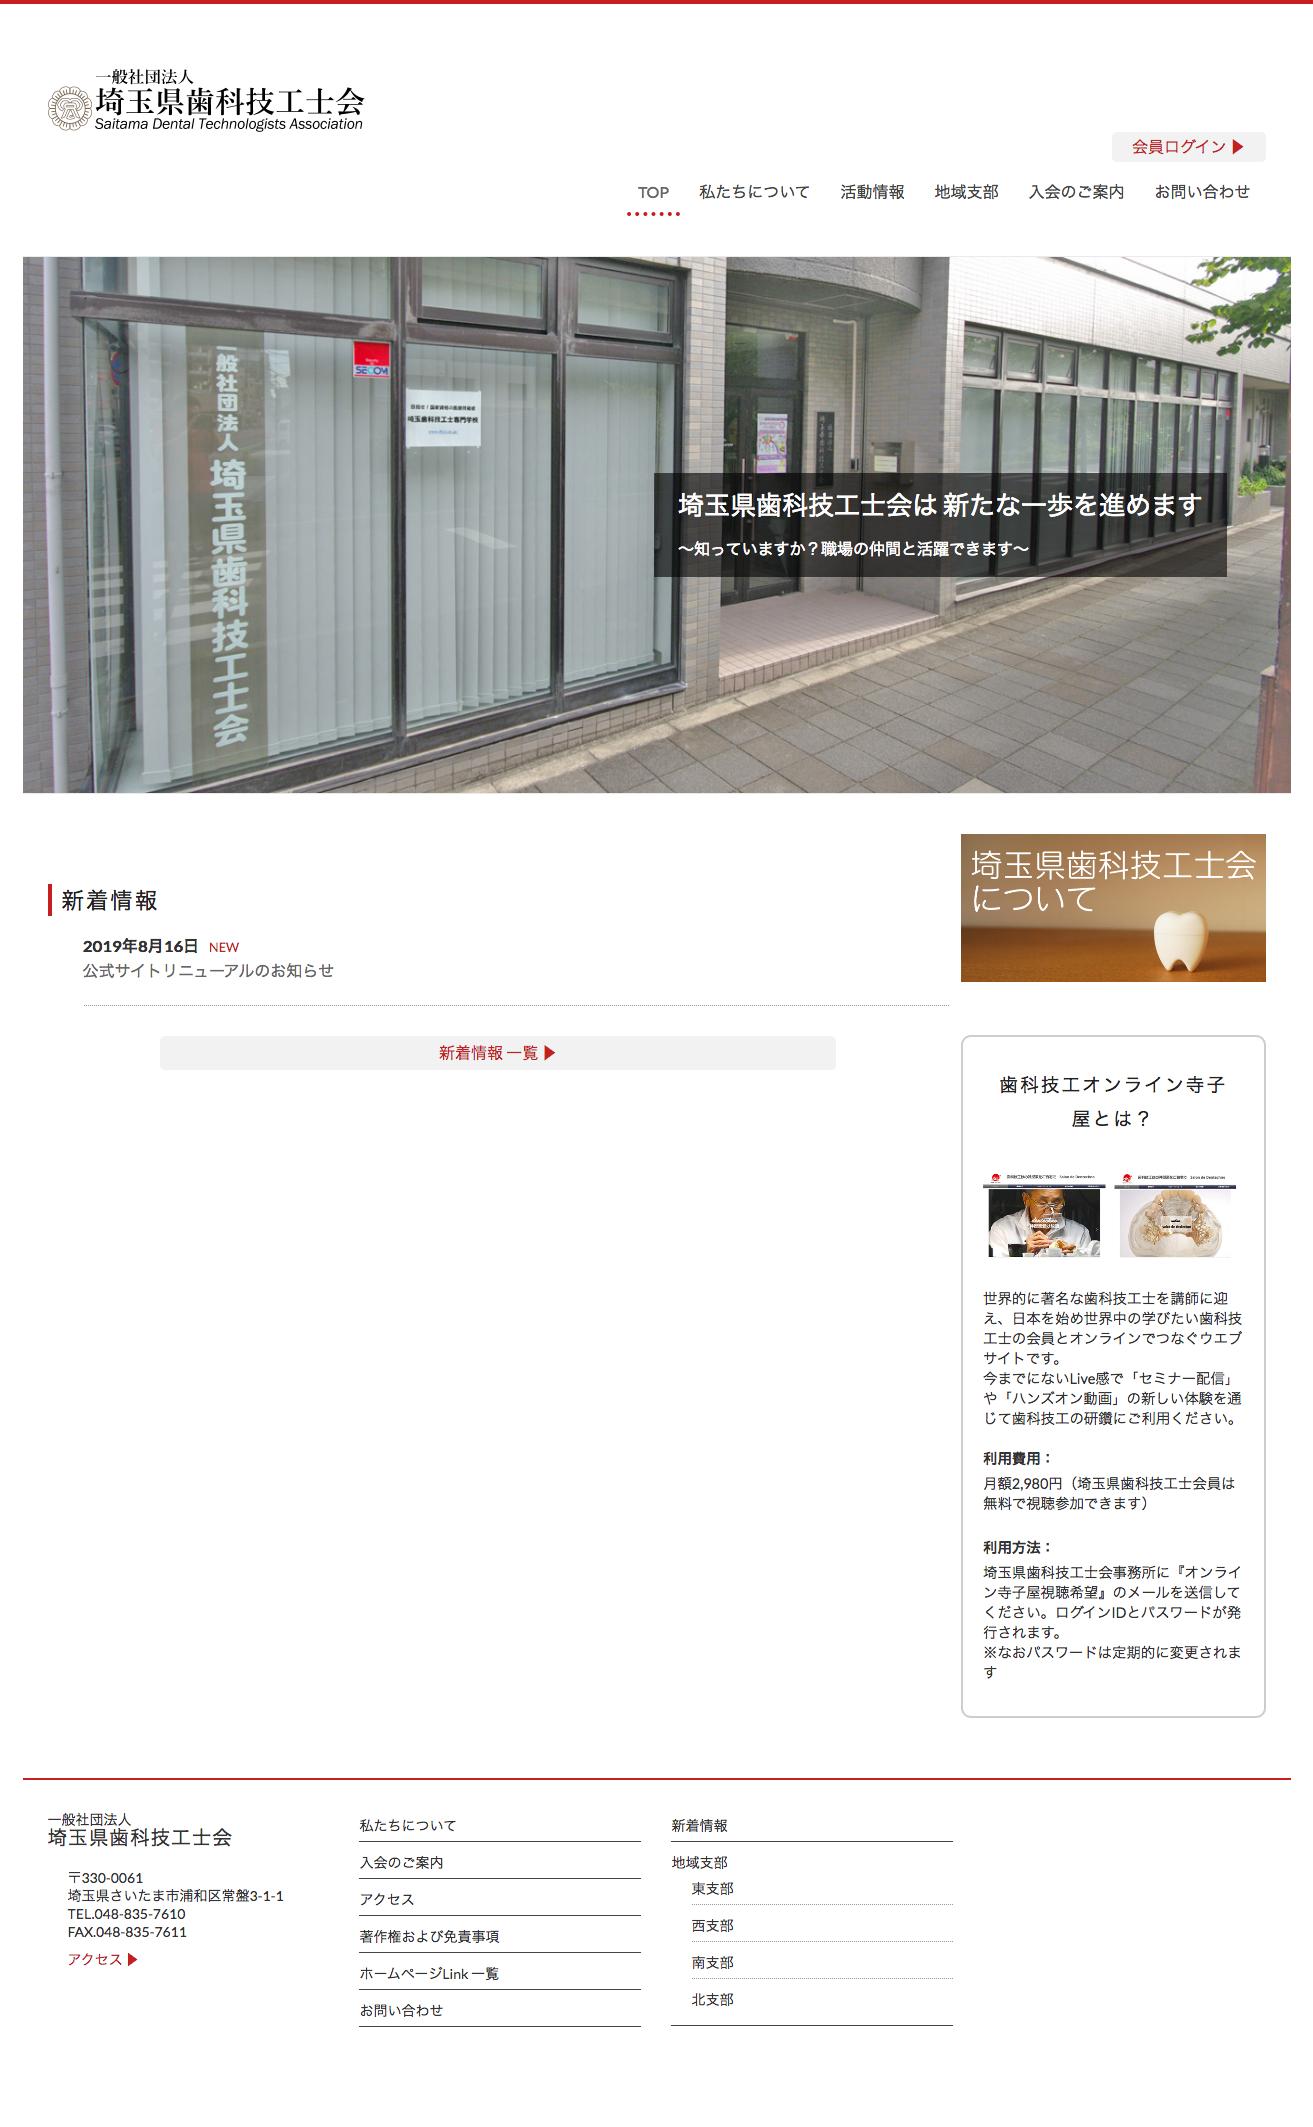 埼玉県歯科技工士会